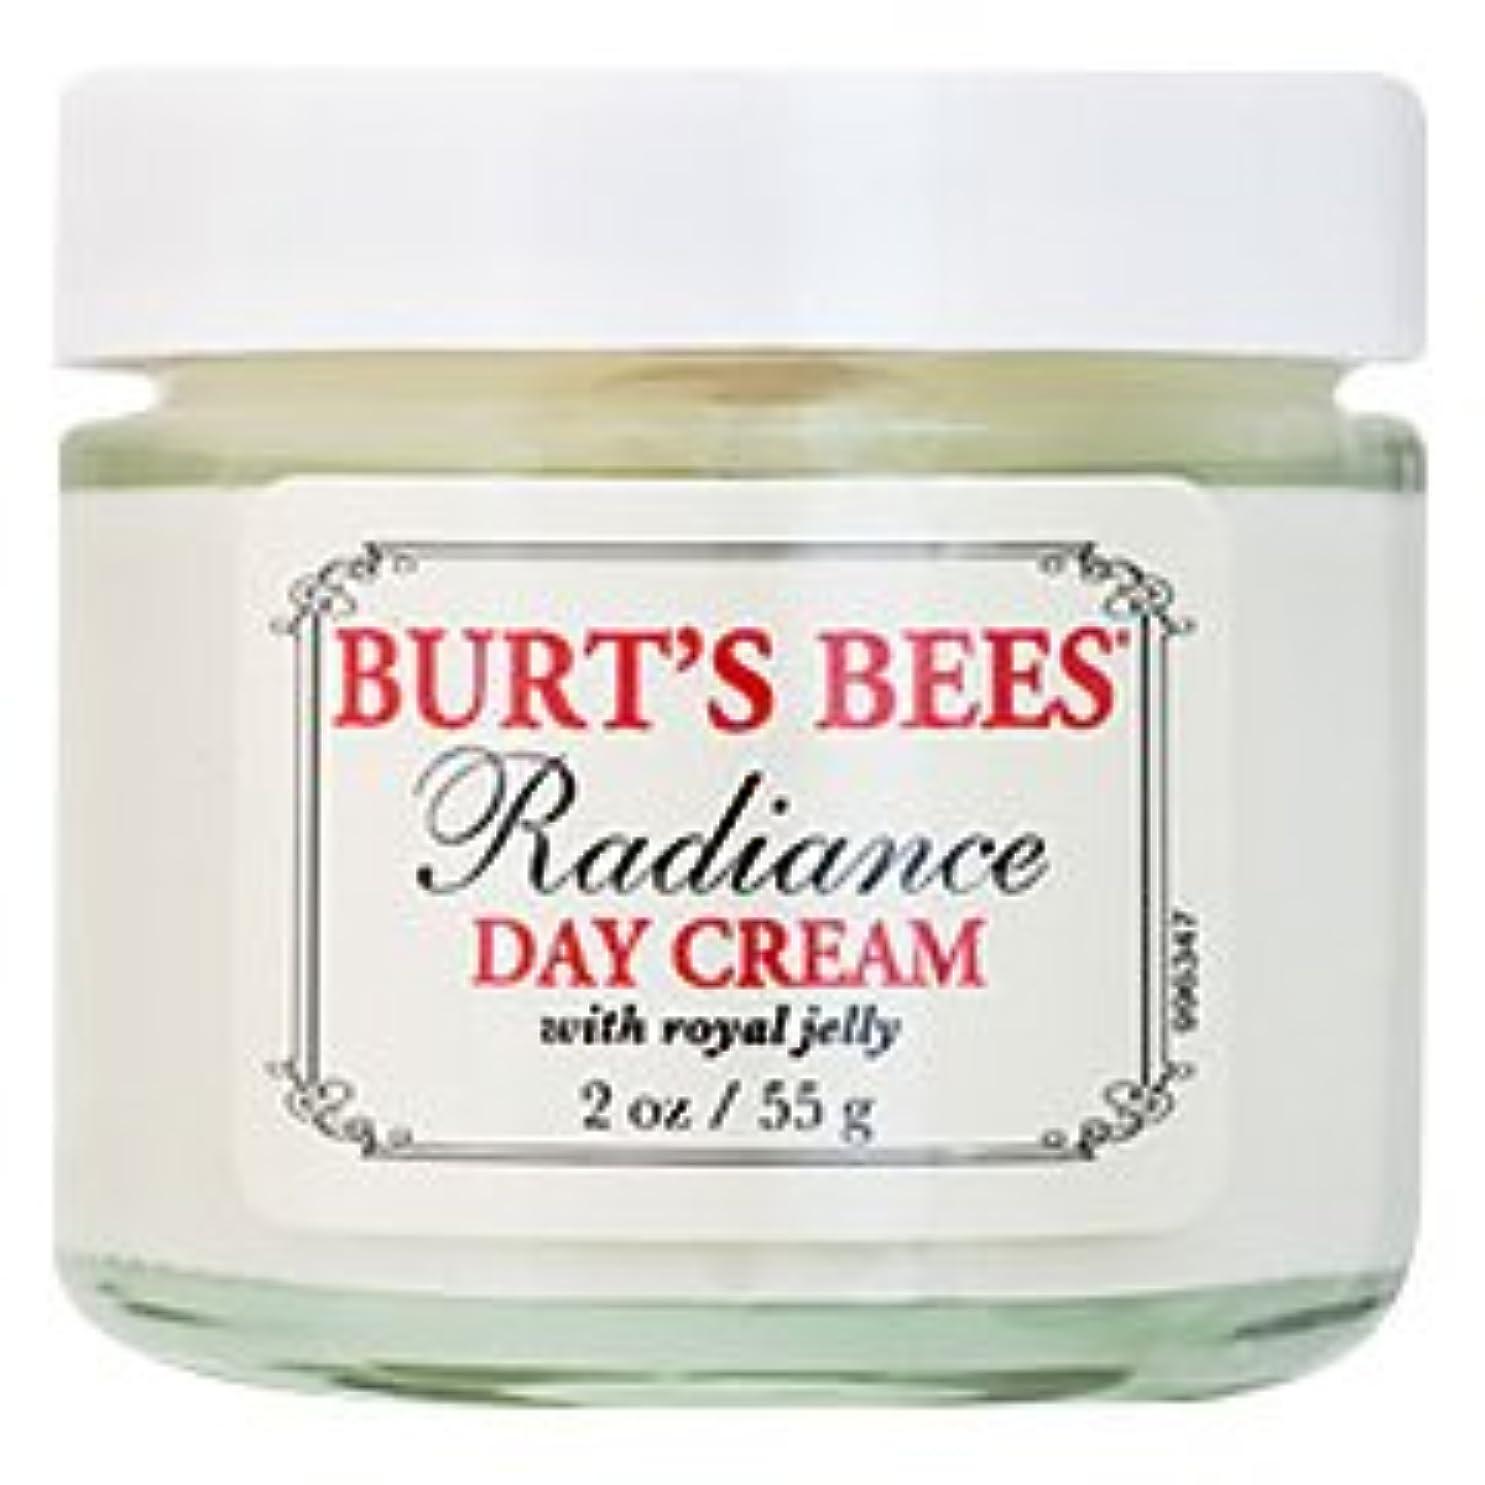 息子承認アソシエイトバーツビーズ(Burt's Bees) ラディアンス デイクリーム(ロイヤルジェリー) 55g [海外直送品][並行輸入品]